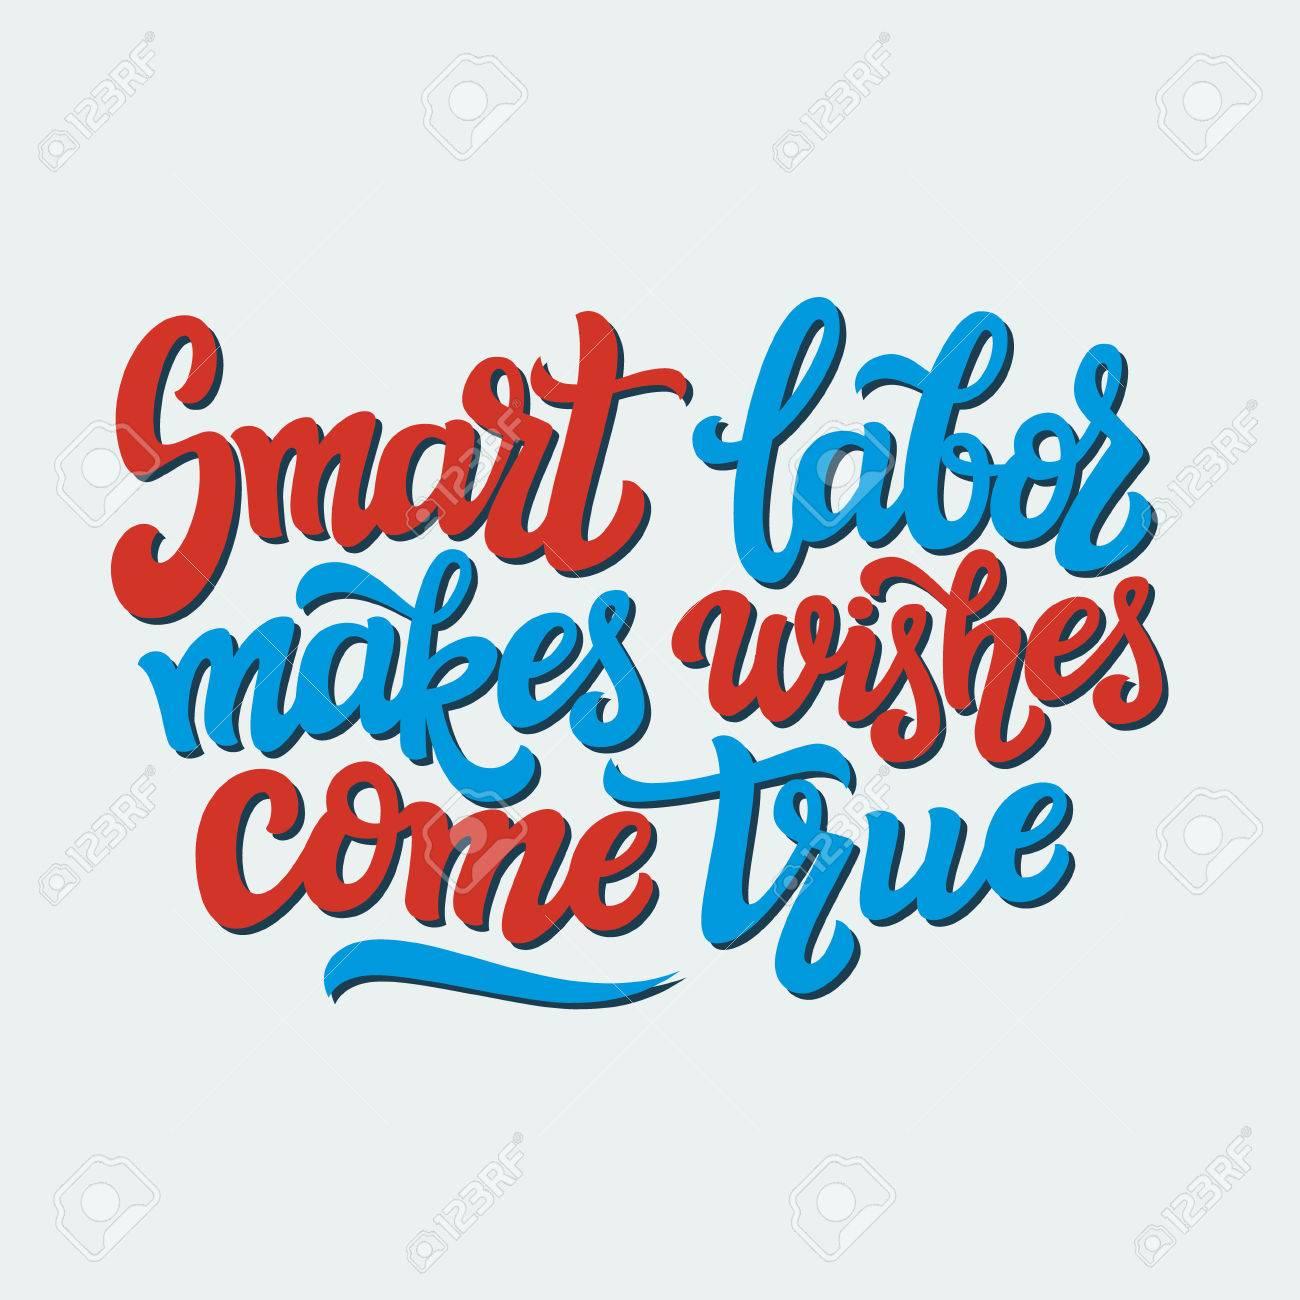 Dibujado A Mano Texto De Tipografía Cita Motivacional El Trabajo Inteligente Hace Que Los Deseos Se Hagan Realidad